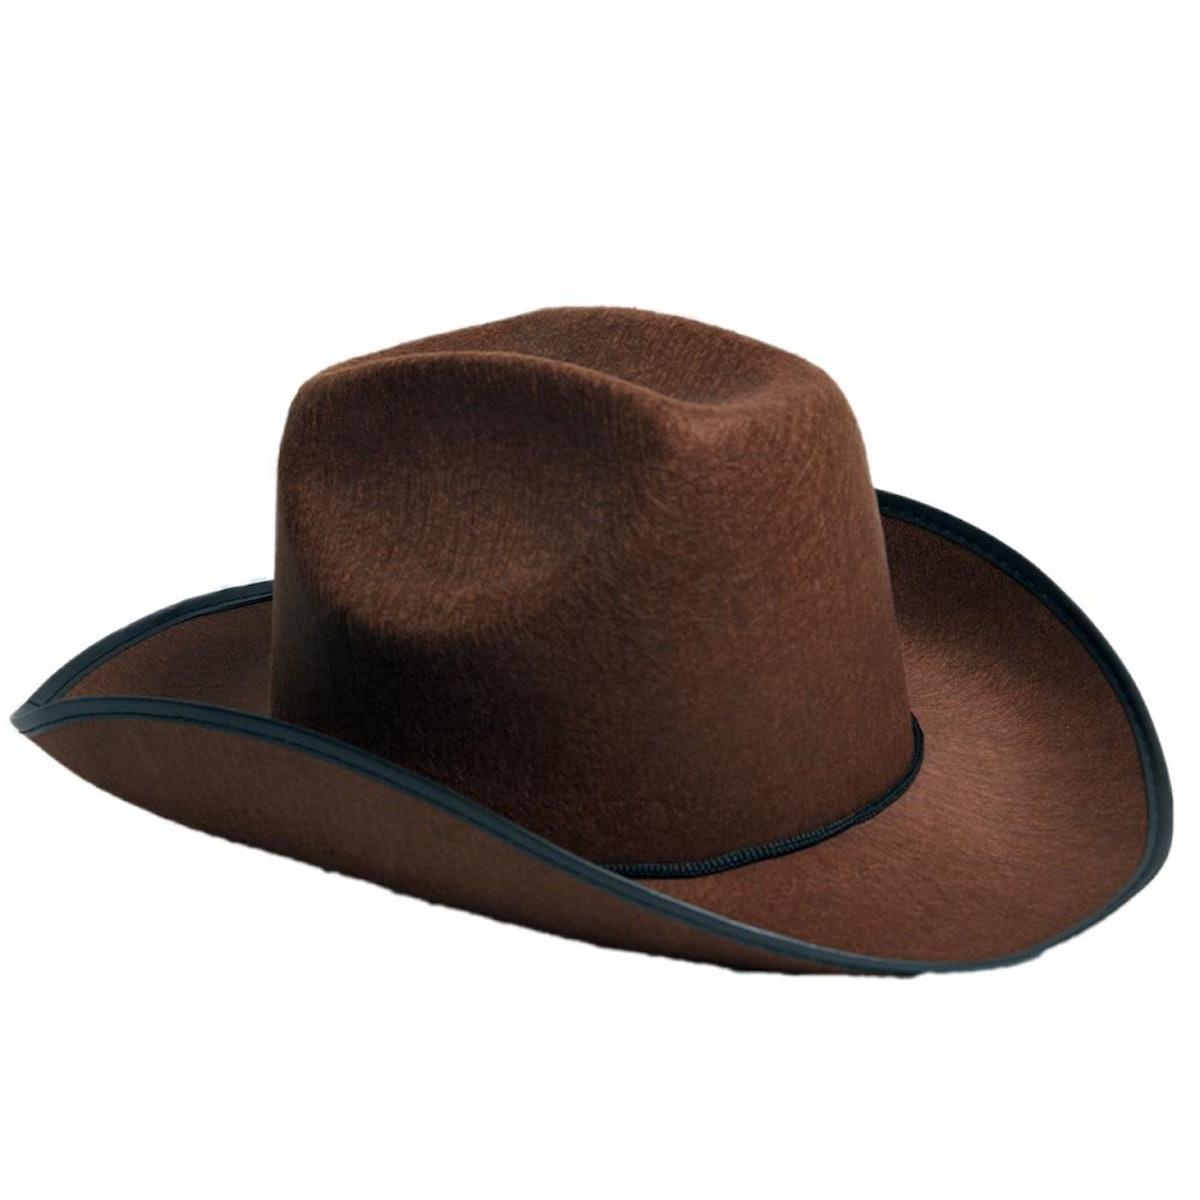 Century Novelty Brown Cowboy Hat